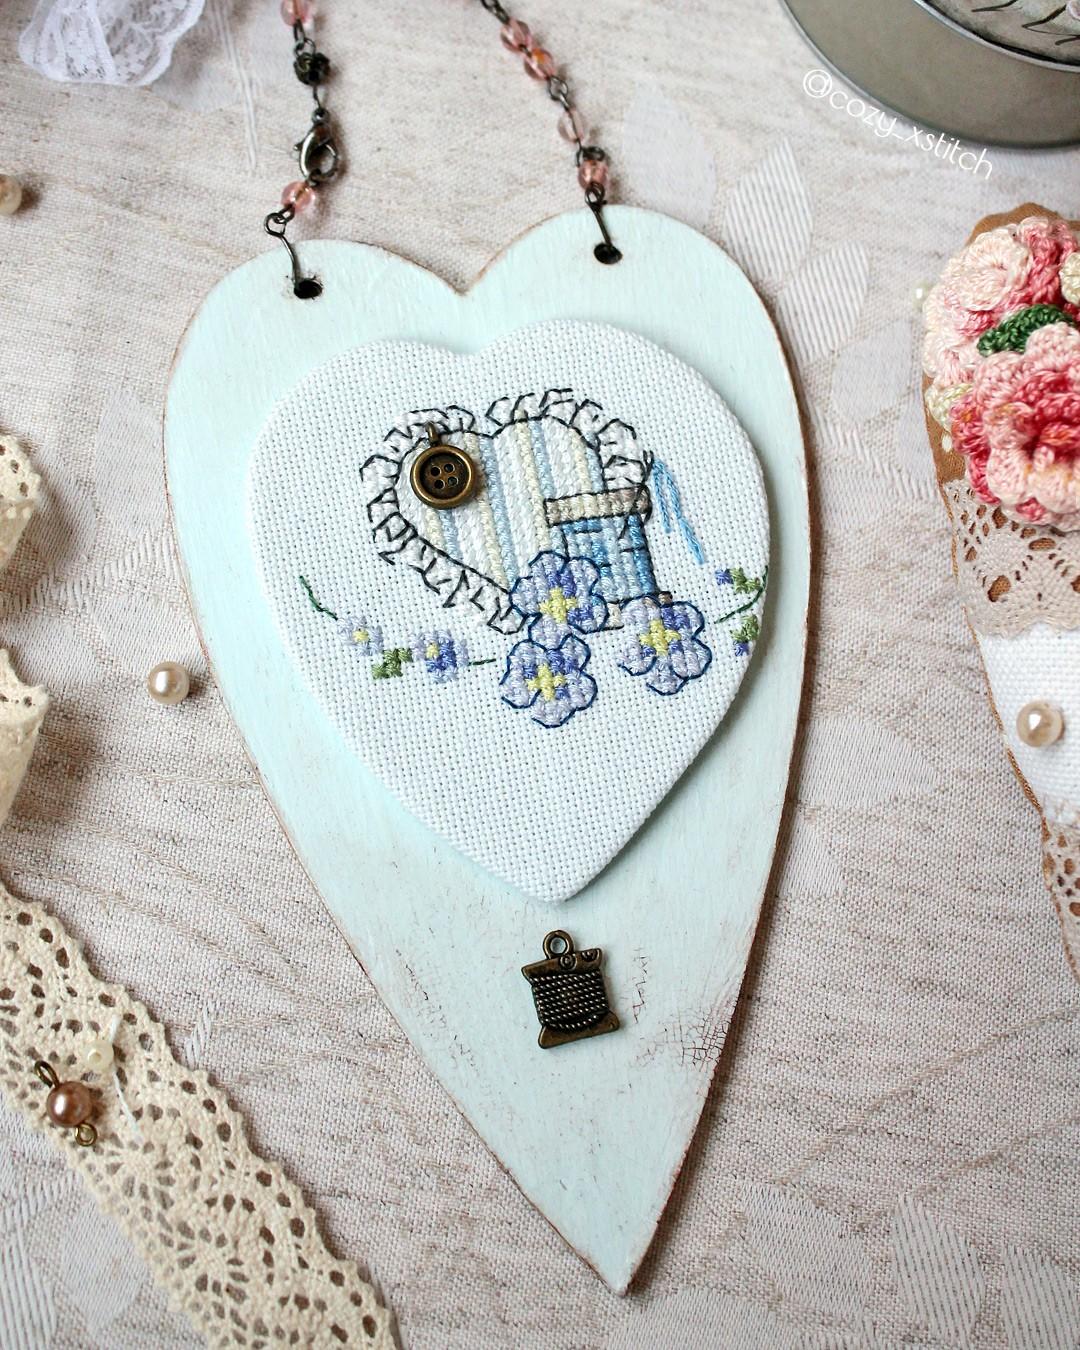 Сердце вышивка крестом